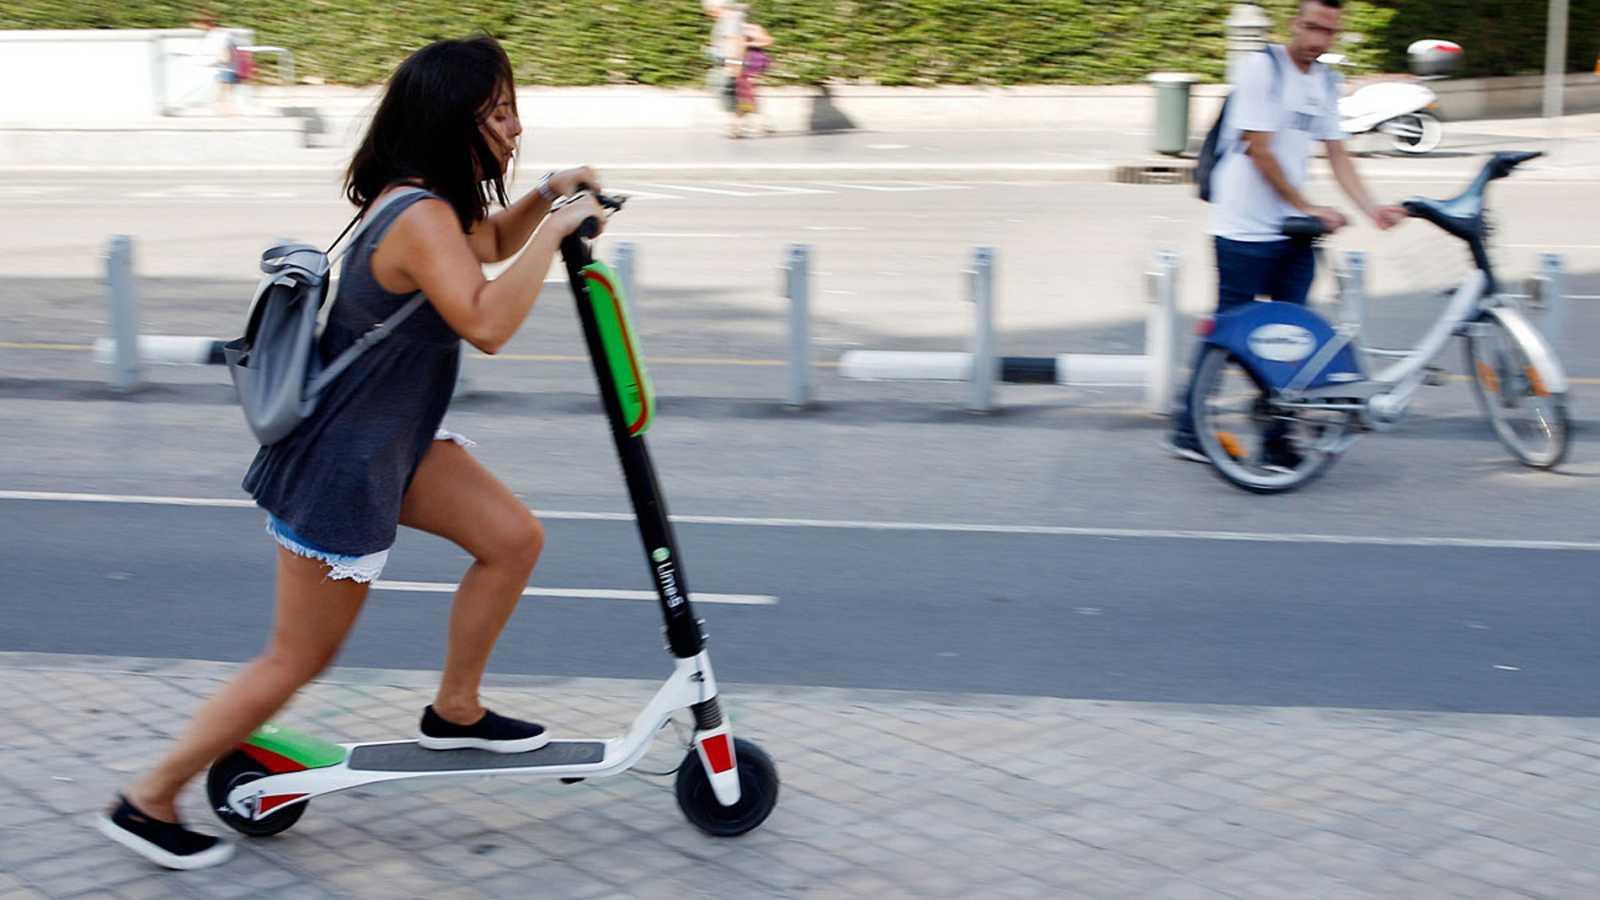 Tráfico estudia prohibir que los patinetes circulen por la acera y limitar su velocidad a 25 km/hora